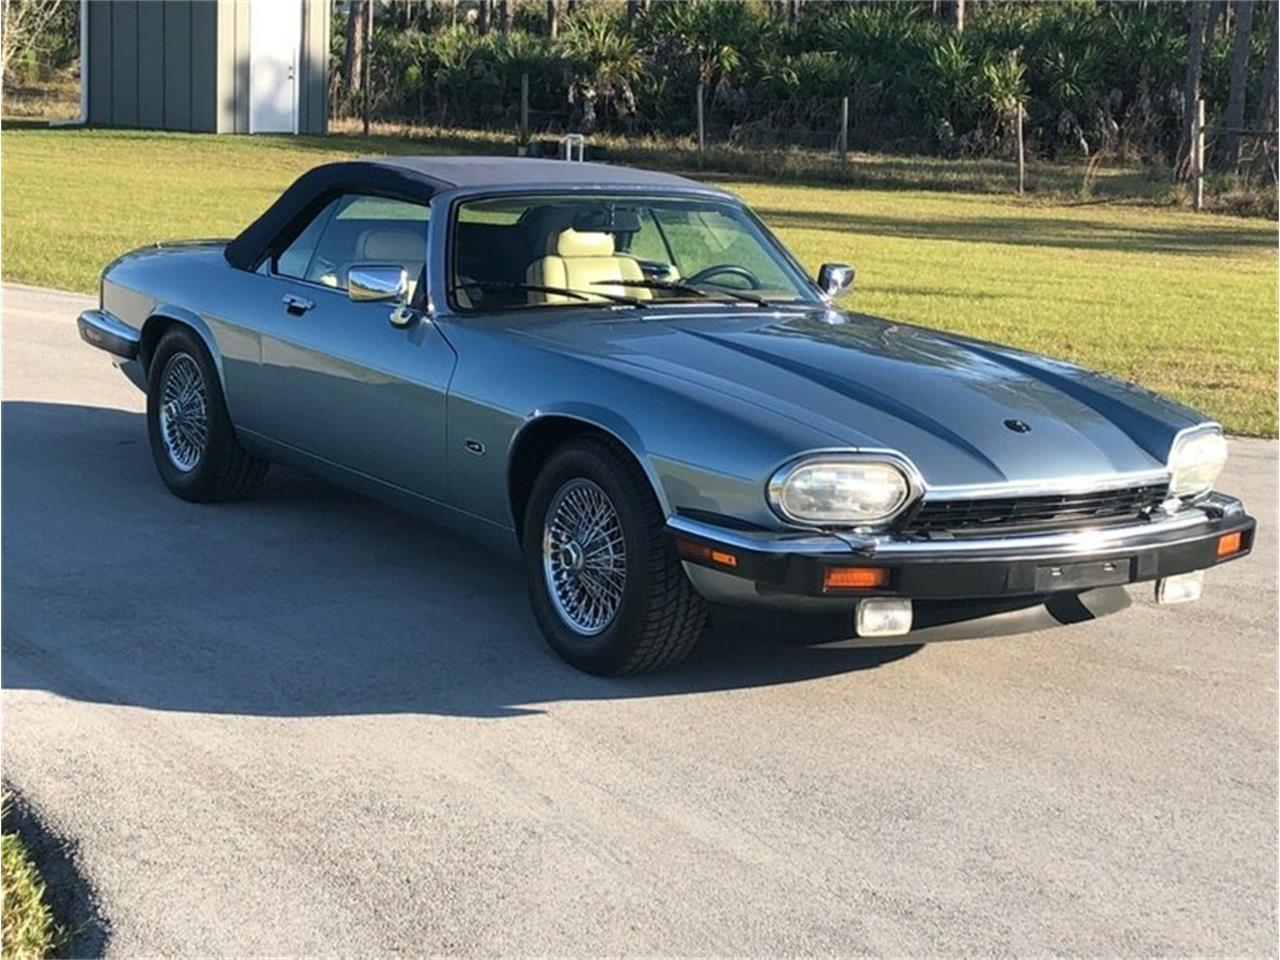 1992 Jaguar XJS for Sale | ClassicCars.com | CC-1188438